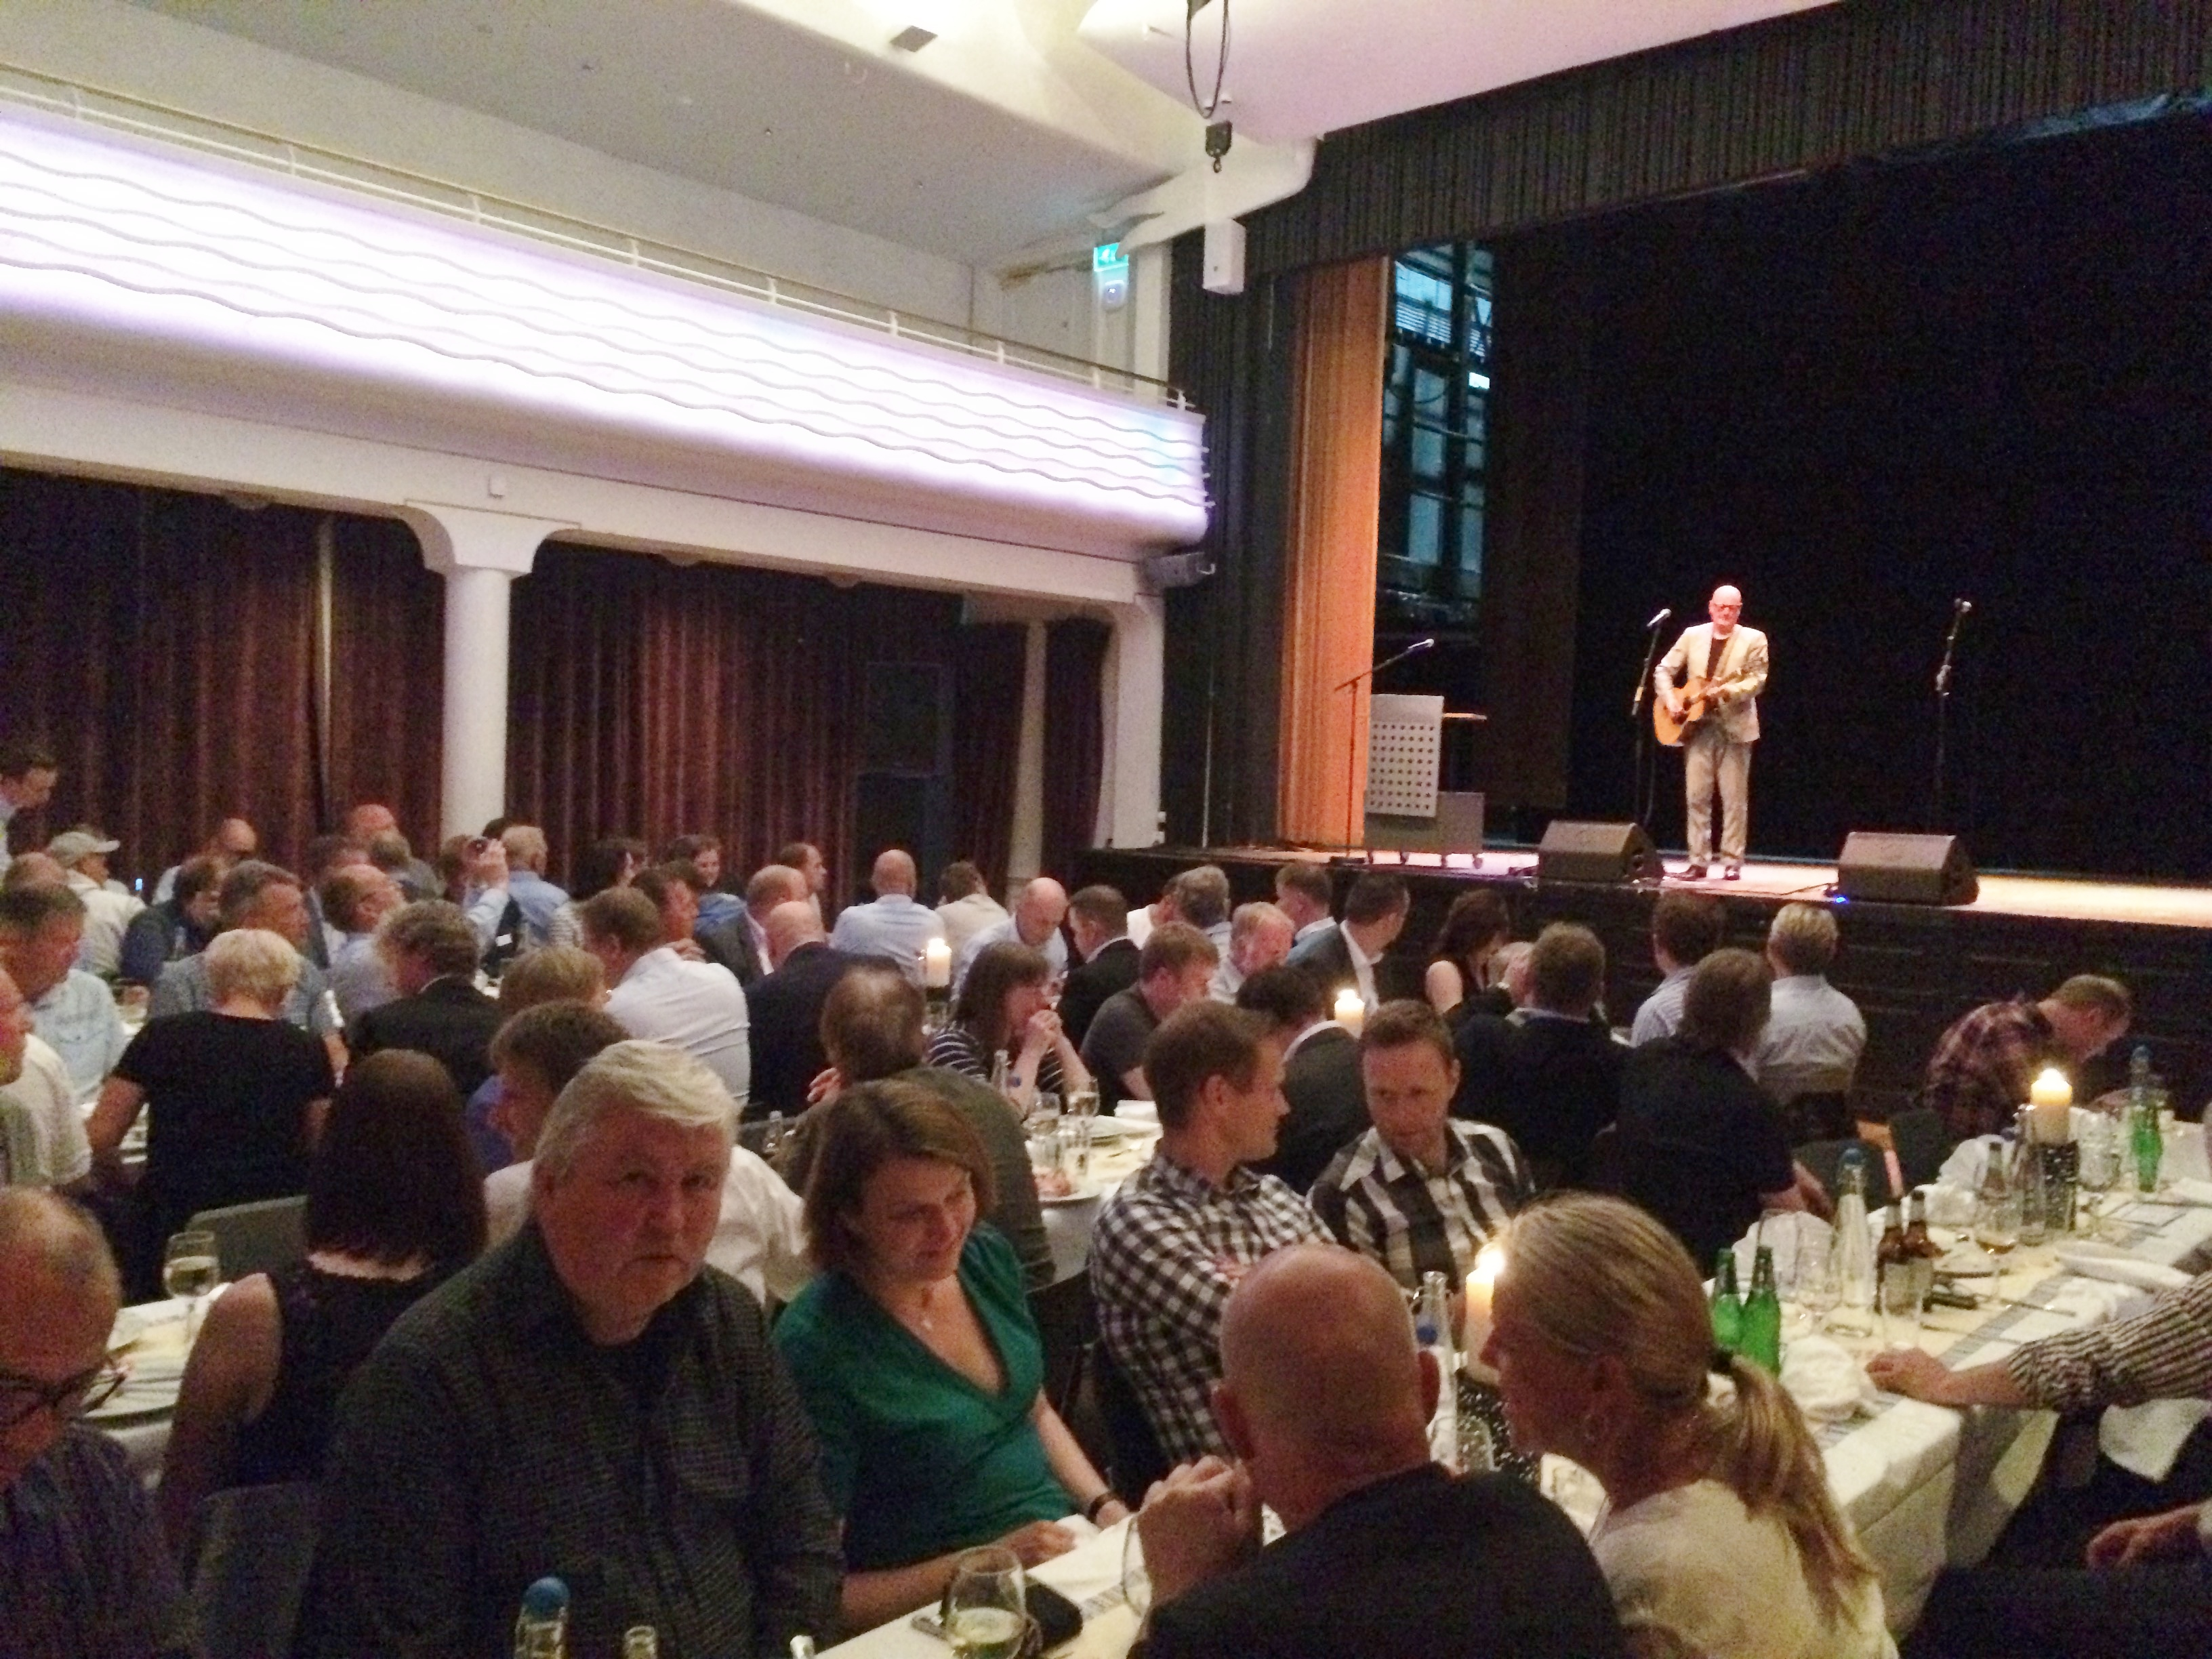 Frode Alnæs var vår konferansier under festmiddagen. Sammen med Øyvind Elgenes, bedre kjent som «Elg», underholdt han oss med gode historier, smittende humør og flott musikk. Frode og «Elg», som i 1984 dannet bandet «Dance With A Stranger», er blant norsk musikks mest populære artister